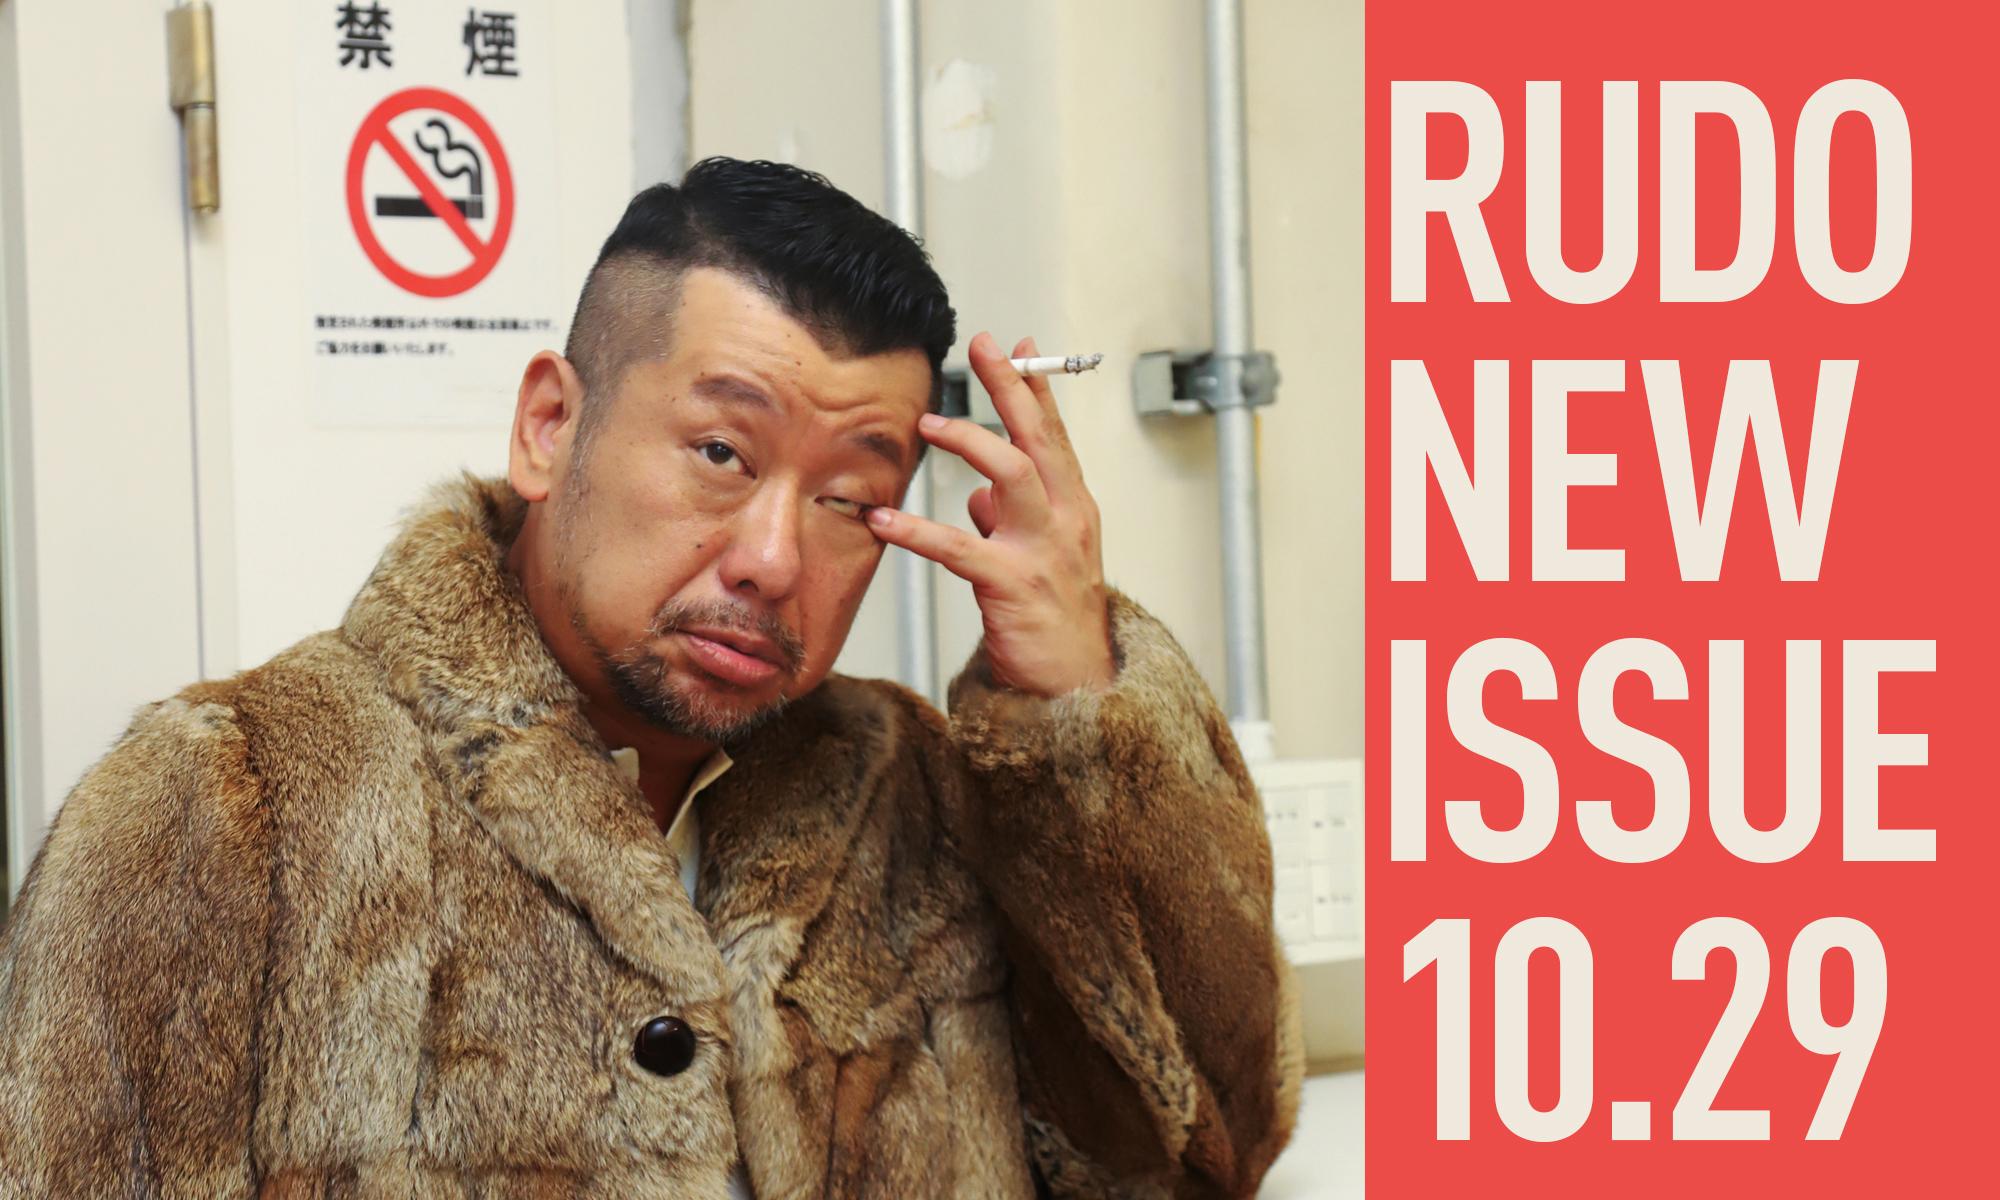 お久しぶりね。「RUDO」10月29日に再登場!